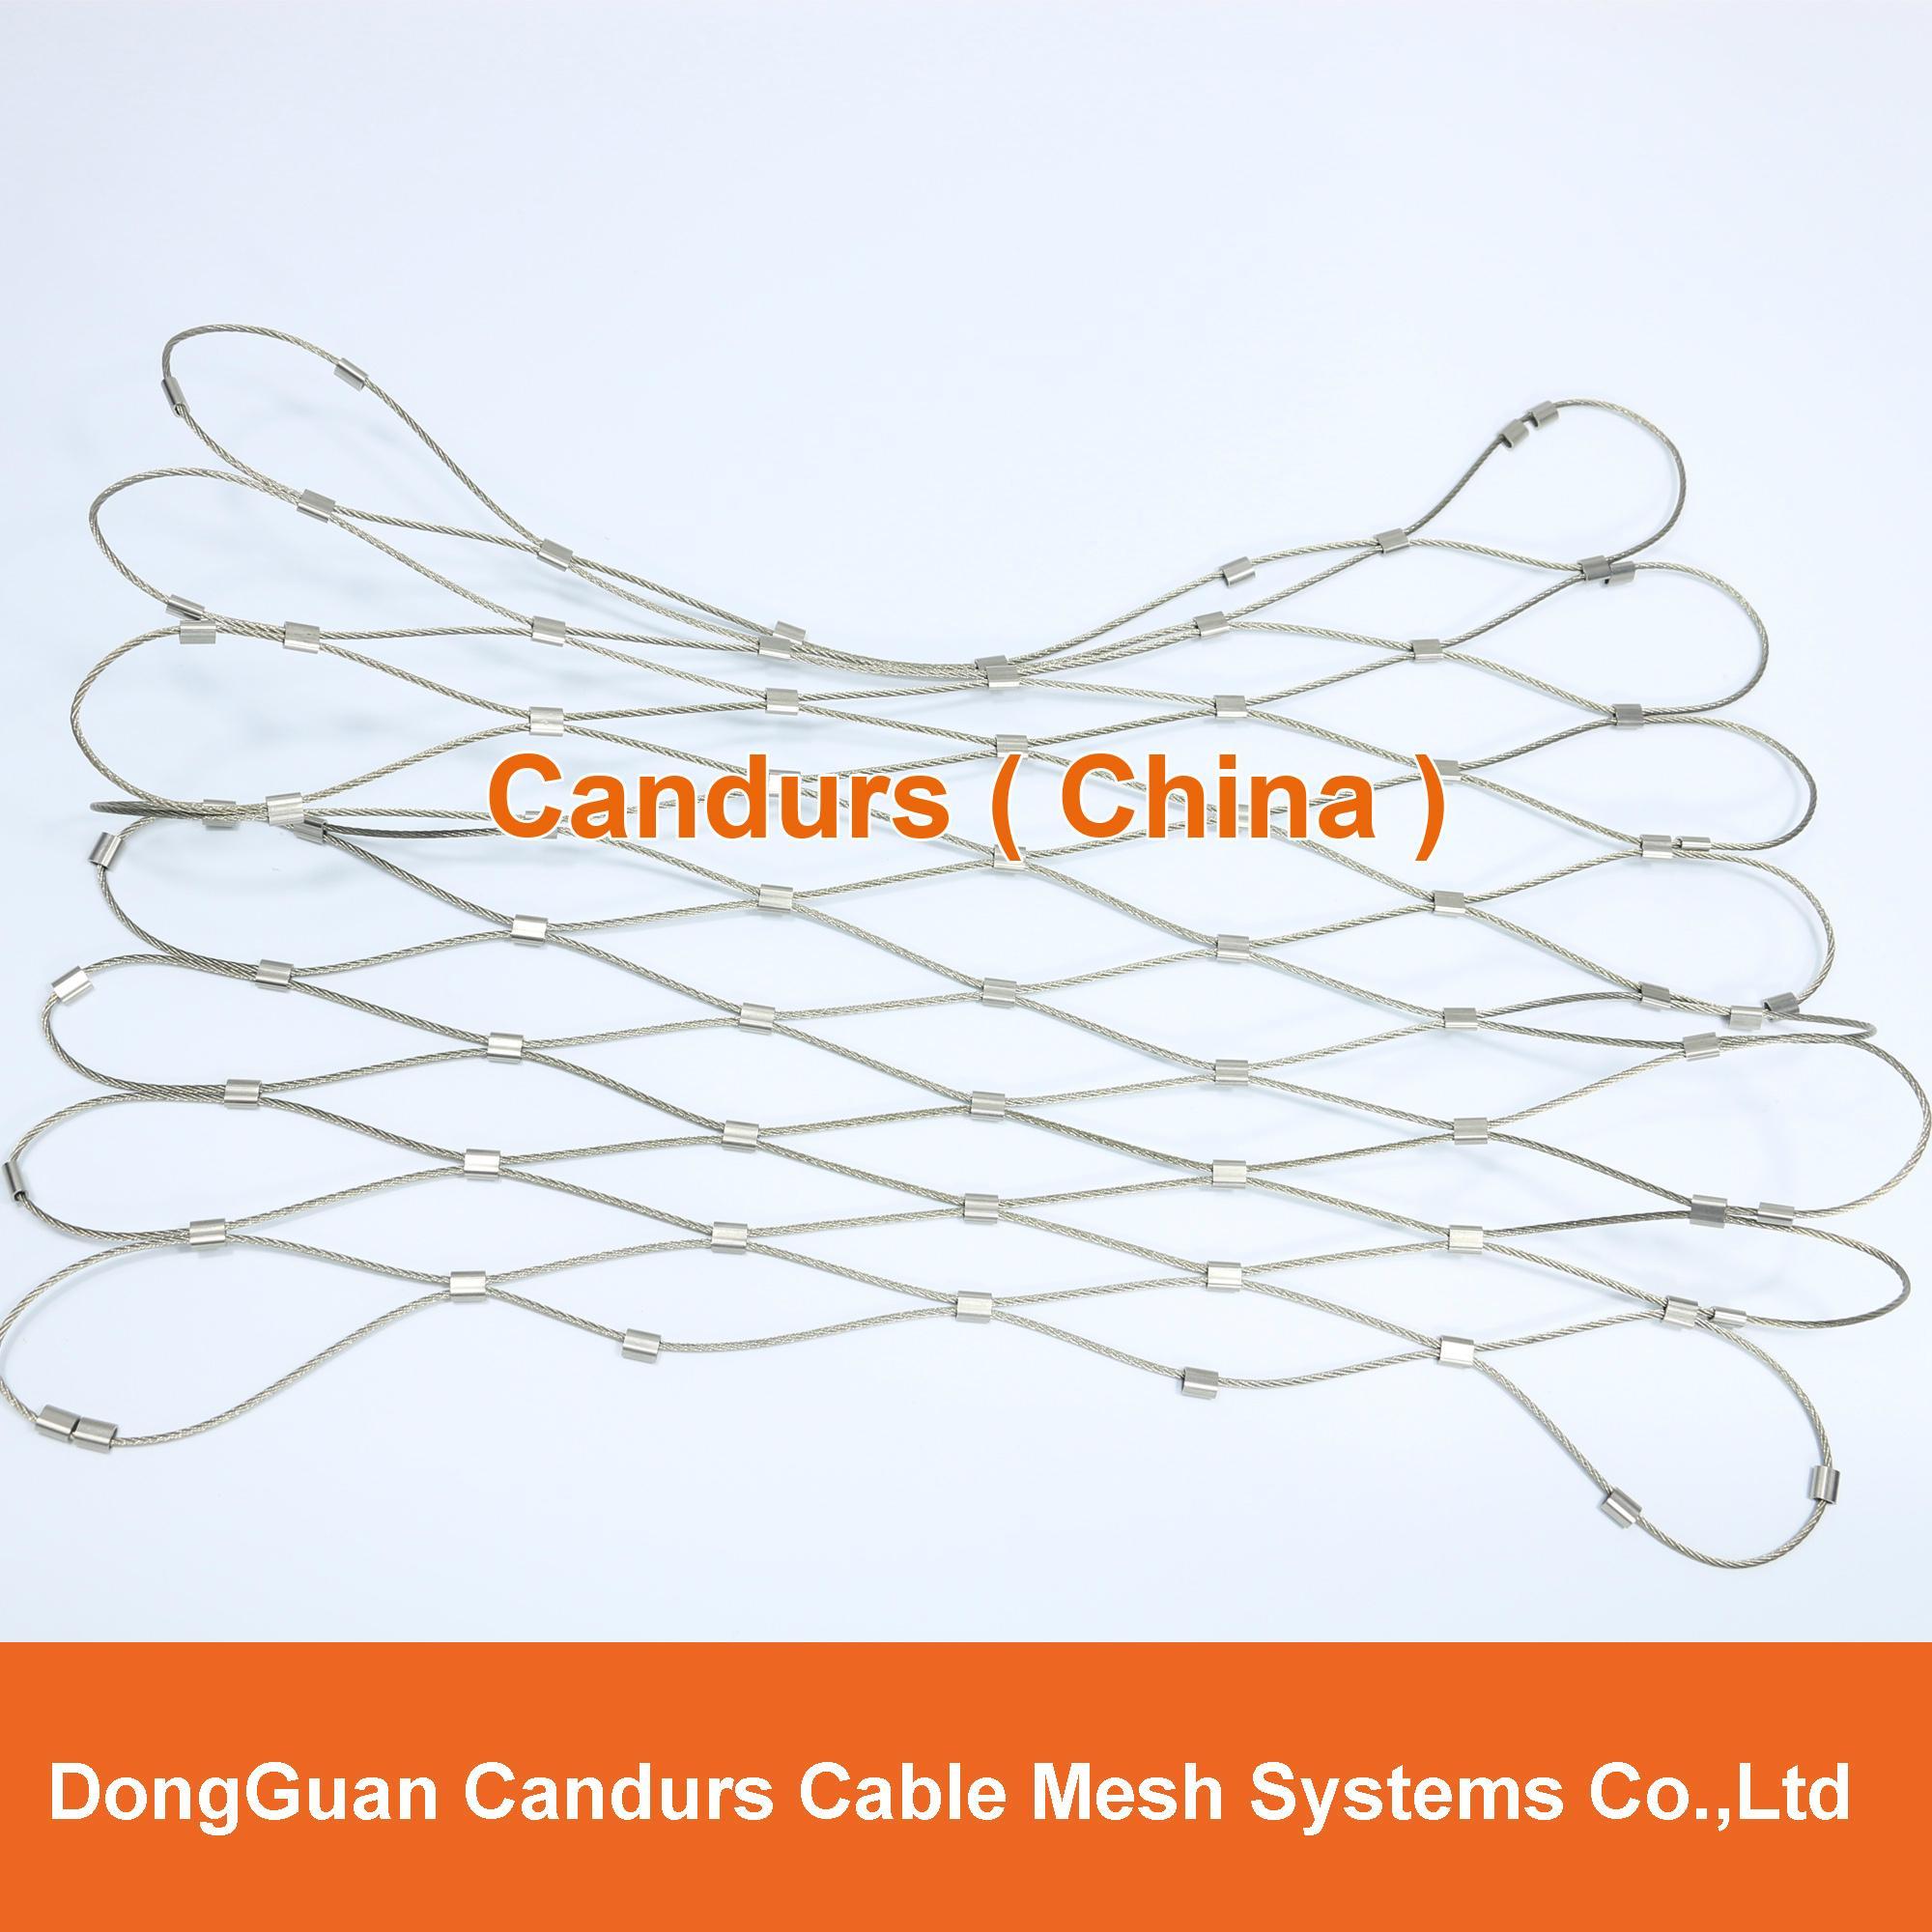 不锈钢丝绳外墙装饰网 4